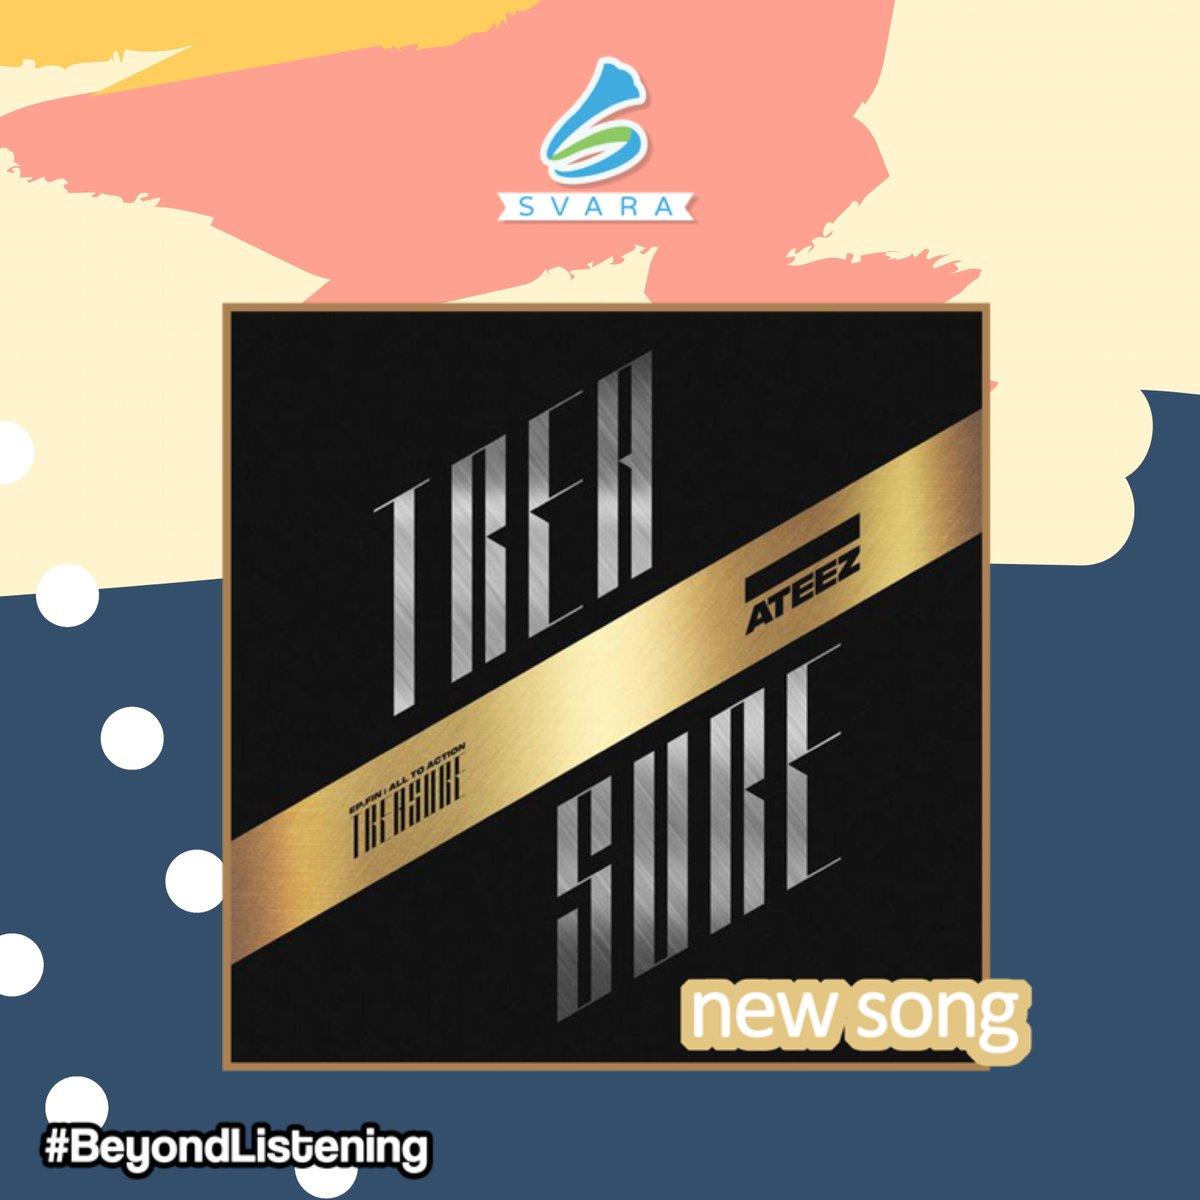 Boy group ATEEZ comeback nih dengan meluncurkan full album pertamanya yang bertajuk 'TREASURE EP. FIN: All to Action' di 8 Oktober lalu. .  #beyondlistening pic.twitter.com/OwE6C6b393